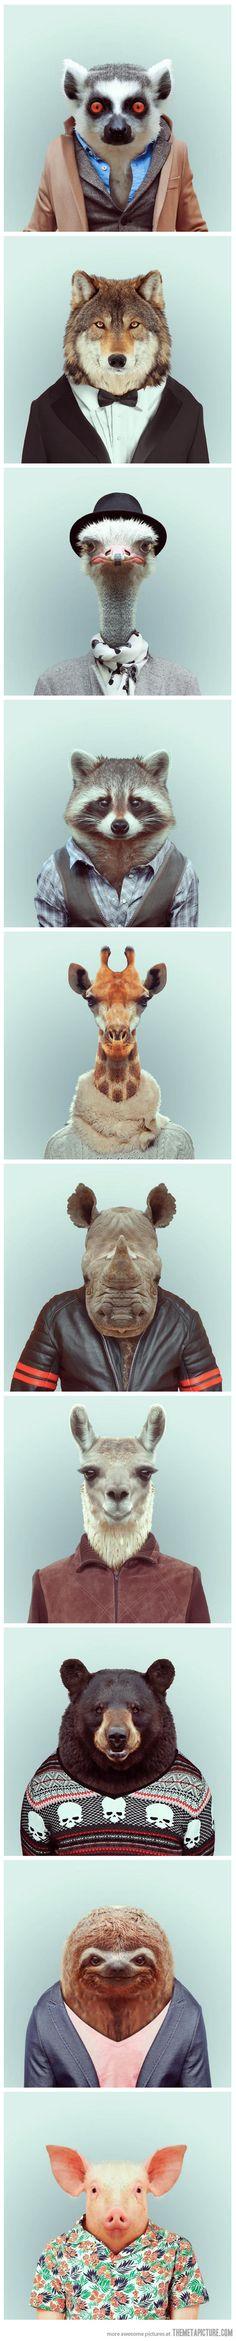 Animales personificados.